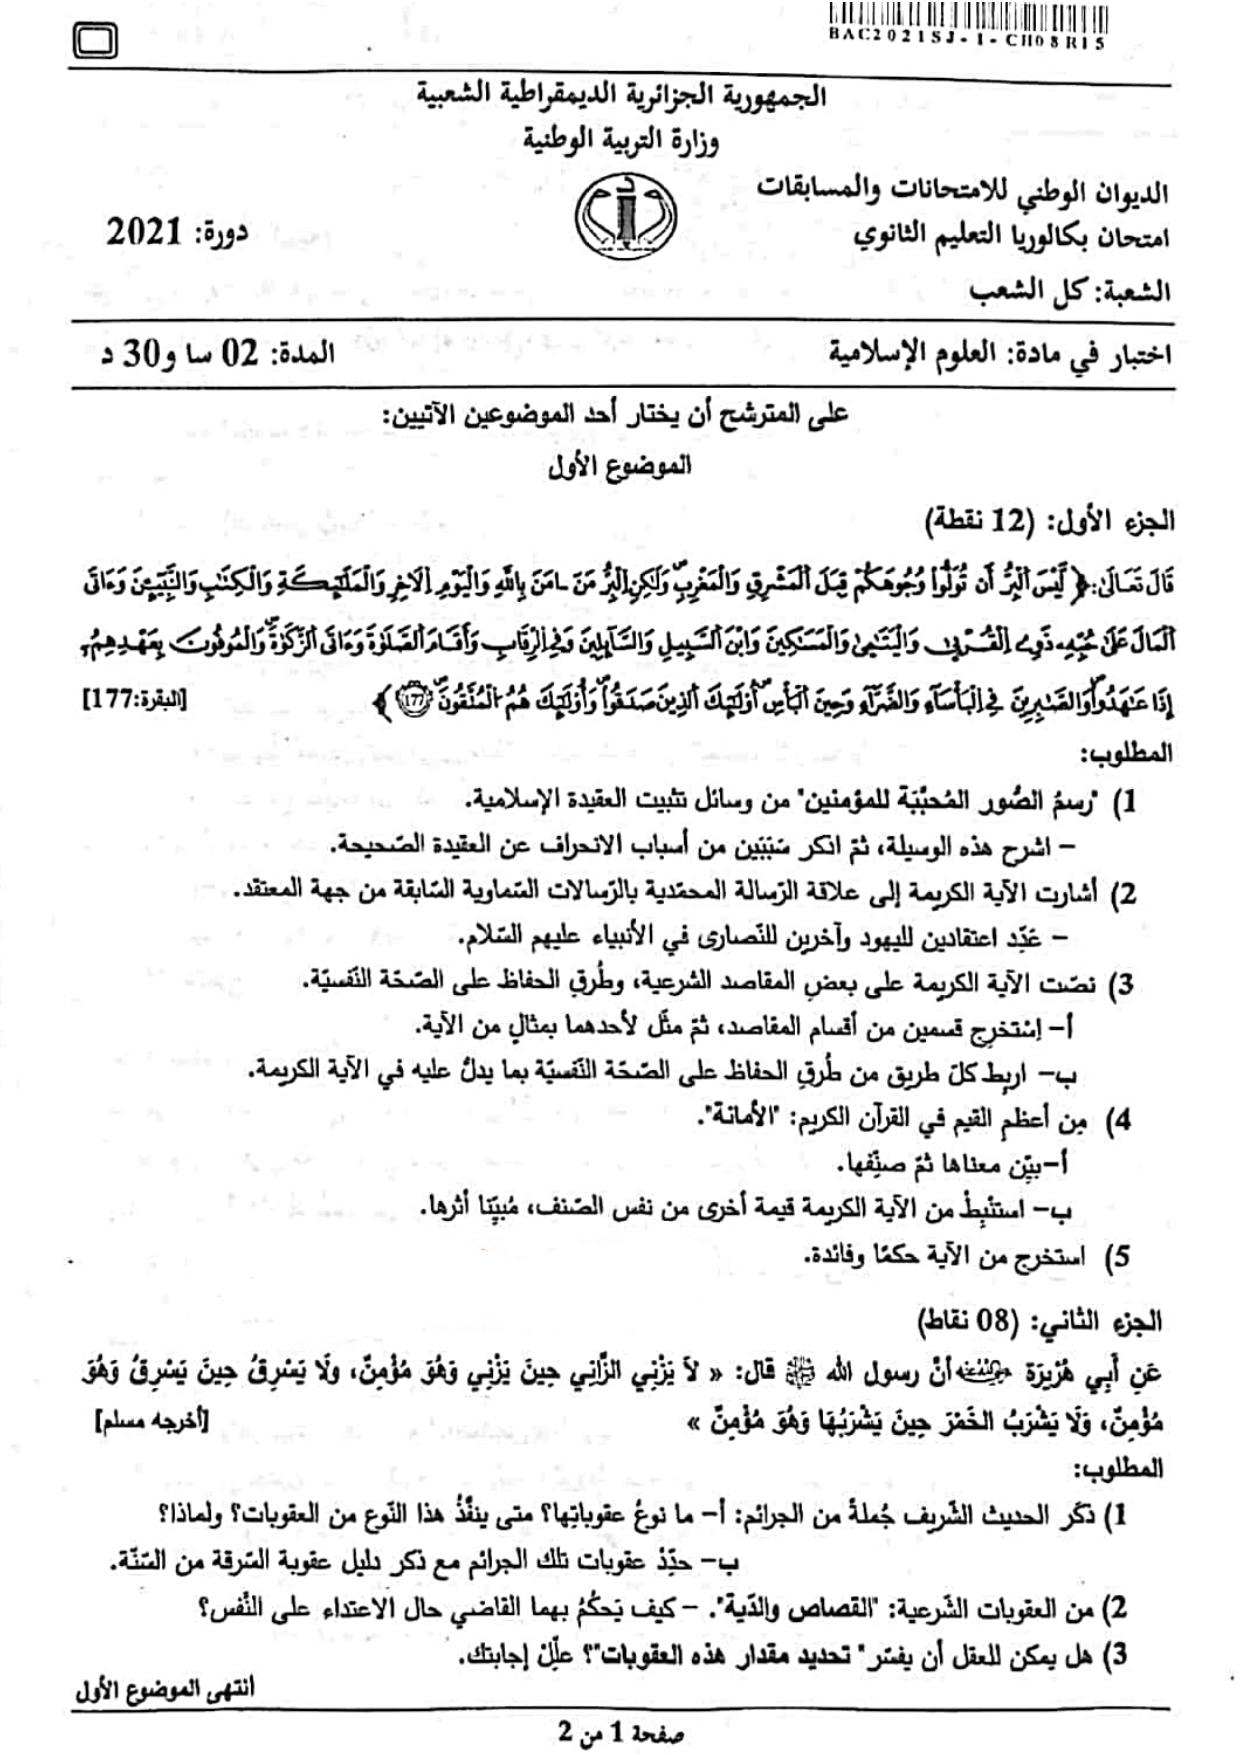 موضوع العلوم الإسلامية بكالوريا 2021 جميع الشعب